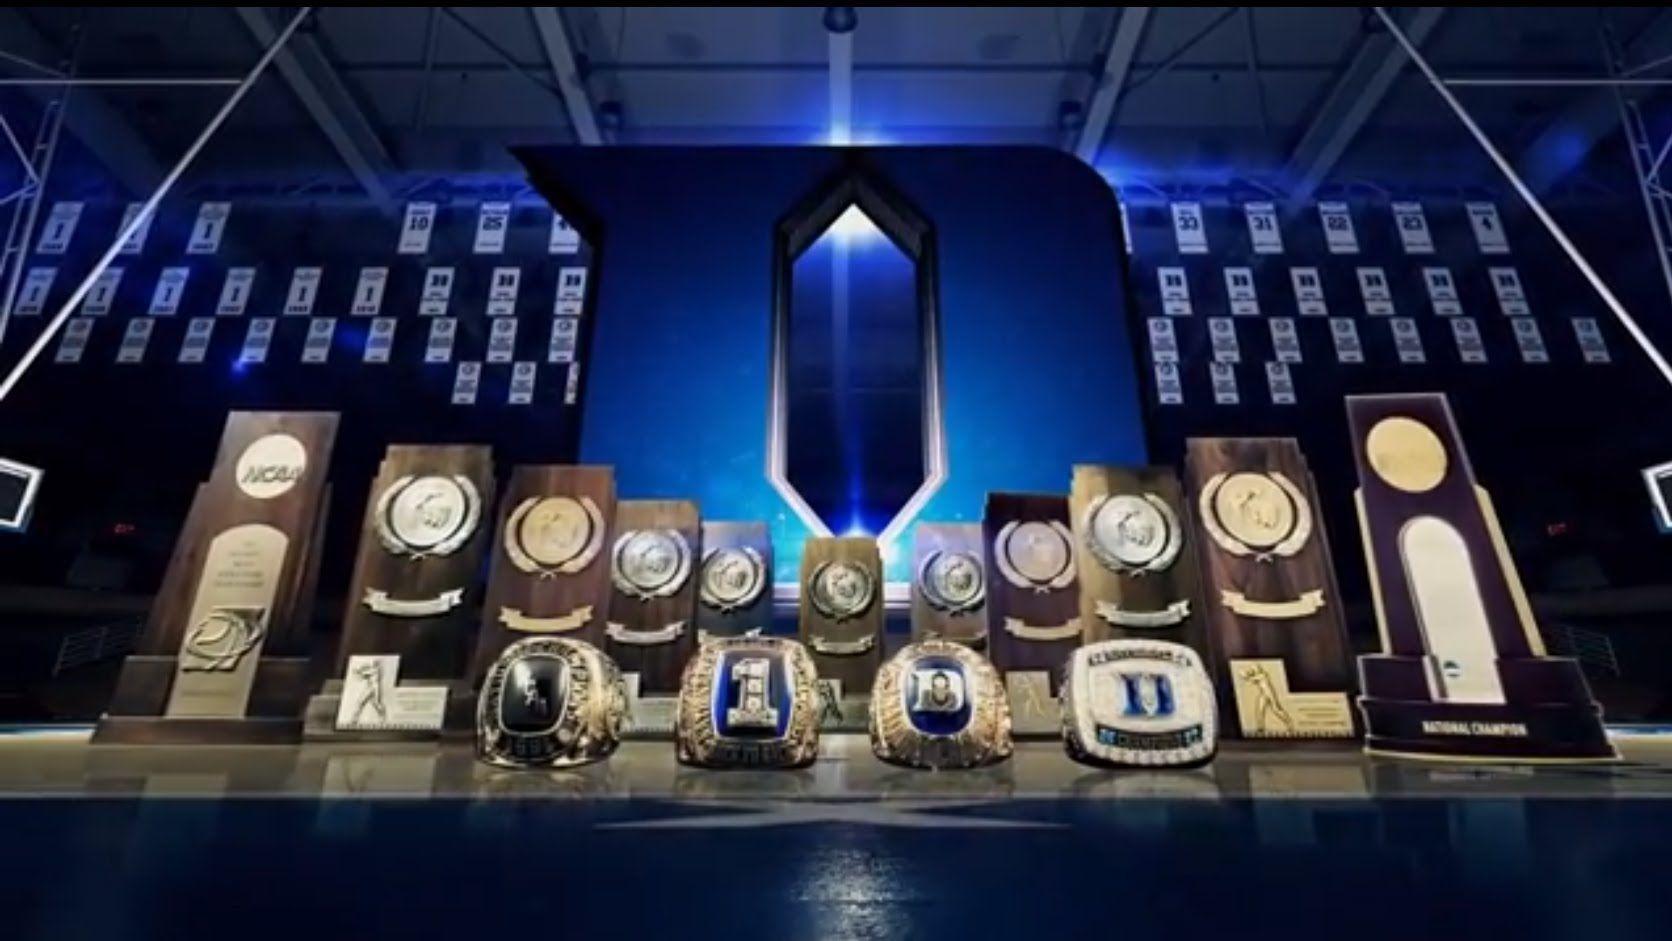 Duke University Wallpapers